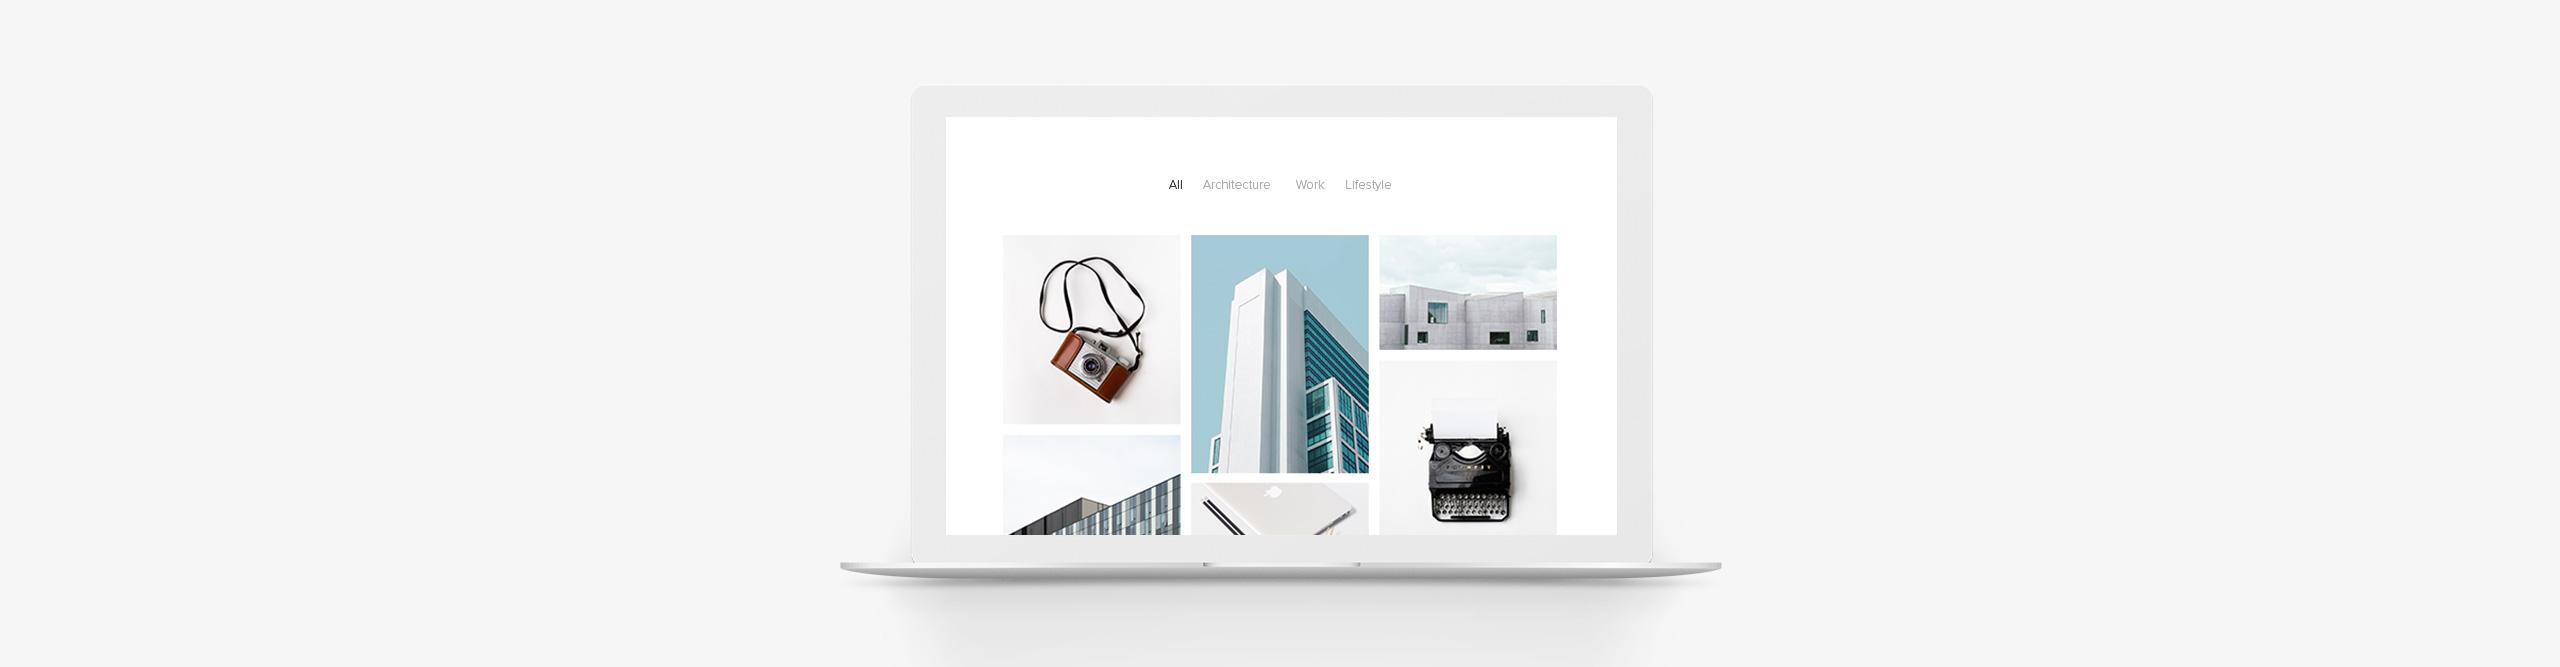 YOOtheme Pro 1 12 – Masonry, Filter and Lazy Loading Images